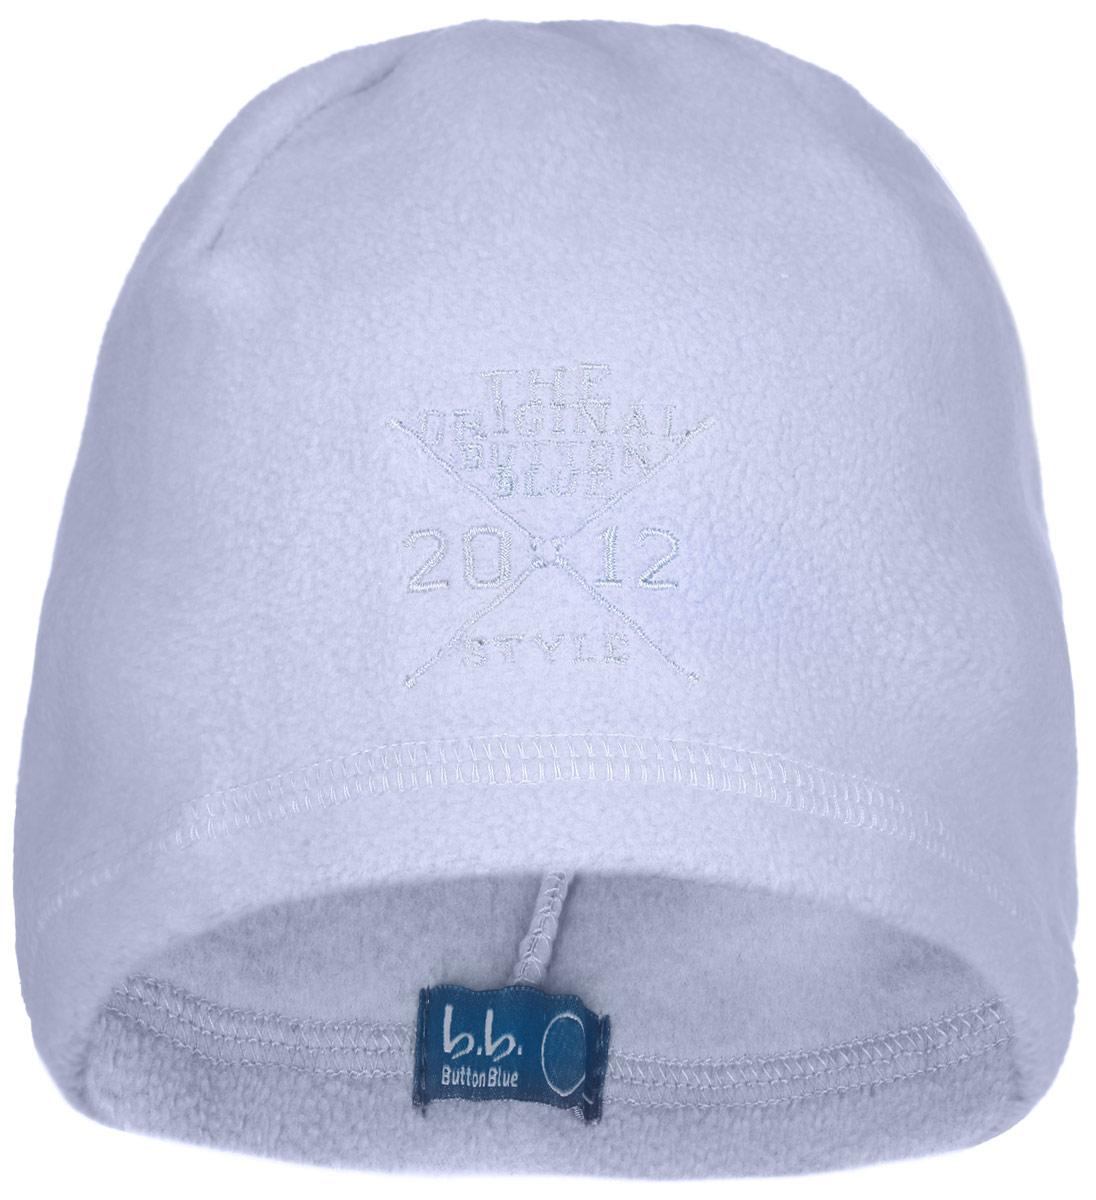 Шапка для мальчика Button Blue, цвет: голубой. 116BBBB7308. Размер 56, 12-13 лет116BBBB7308Стильная флисовая шапка для мальчика Button Blue идеально подойдет для прогулок в прохладное время года. Изготовленная из высококачественного полиэстера, она необычайно мягкая и легкая, не раздражает нежную кожу ребенка и хорошо вентилируется. Шапка оформлена небольшой вышивкой с надписью The Original Button Blue Style 2012.Такая шапка станет модным и стильным предметом детского гардероба. Она улучшит настроение даже в хмурые прохладные дни! Уважаемые клиенты!Размер, доступный для заказа, является обхватом головы ребенка.